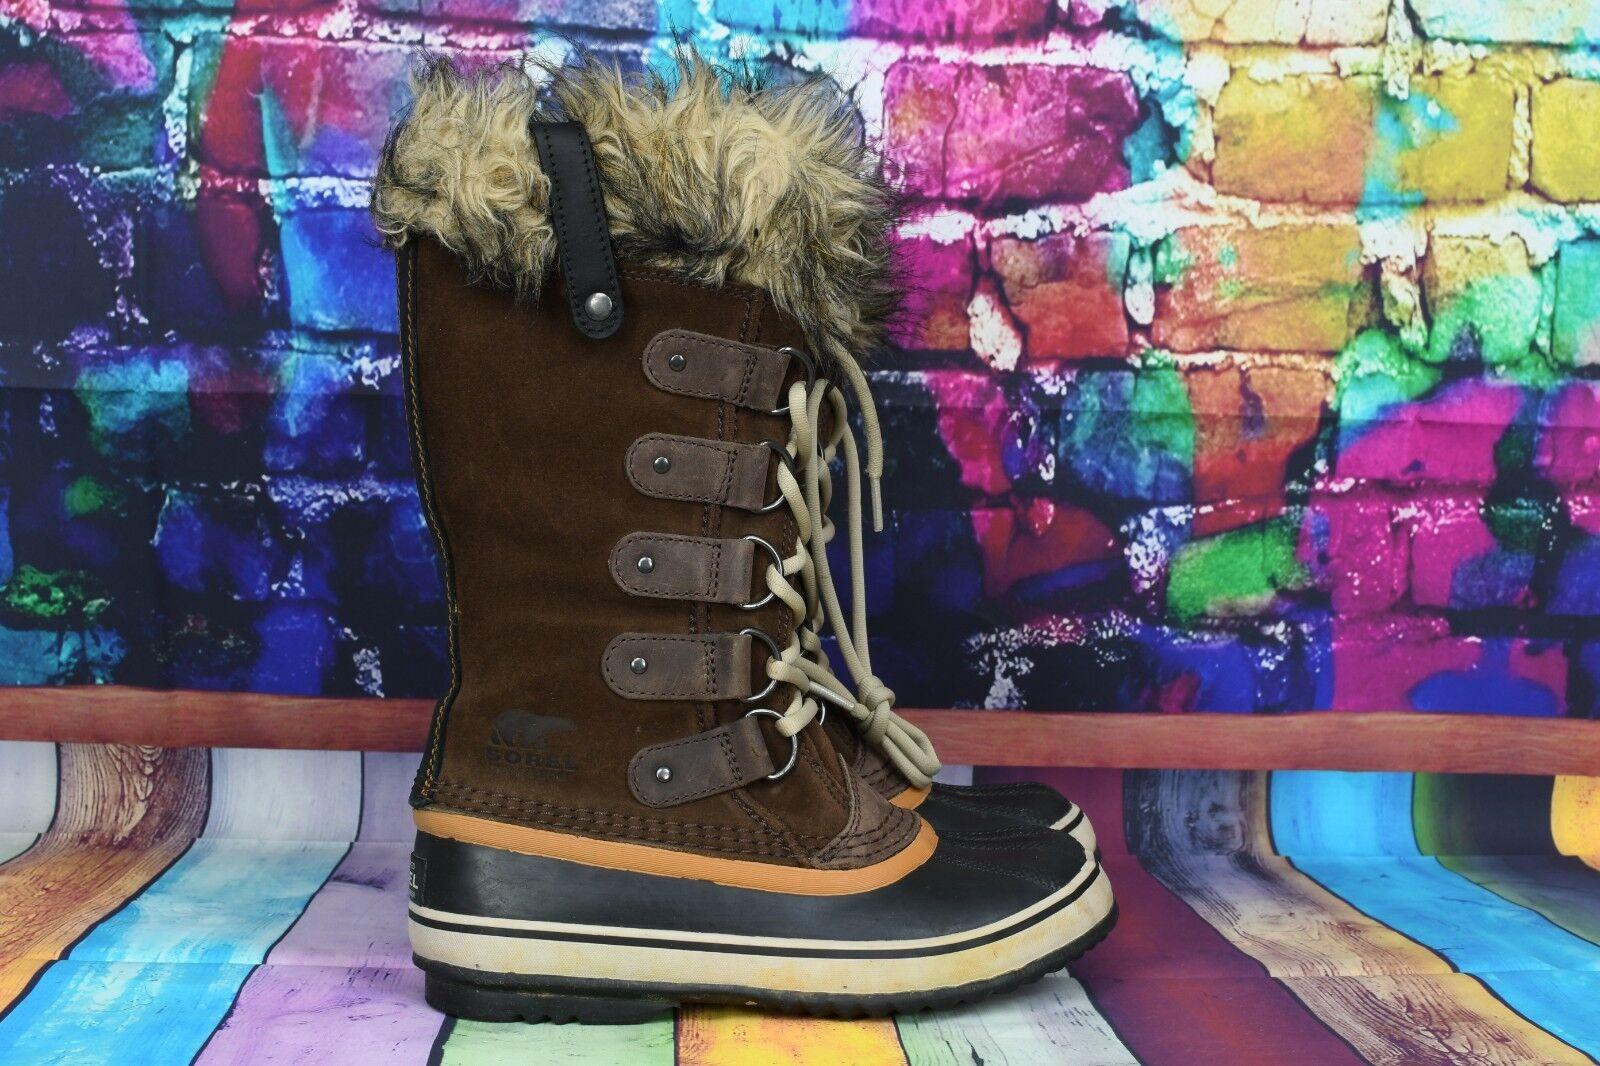 prezzi bassi Sorel Joan Of Arctic donna stivali US 5 5 5  negozio di vendita outlet